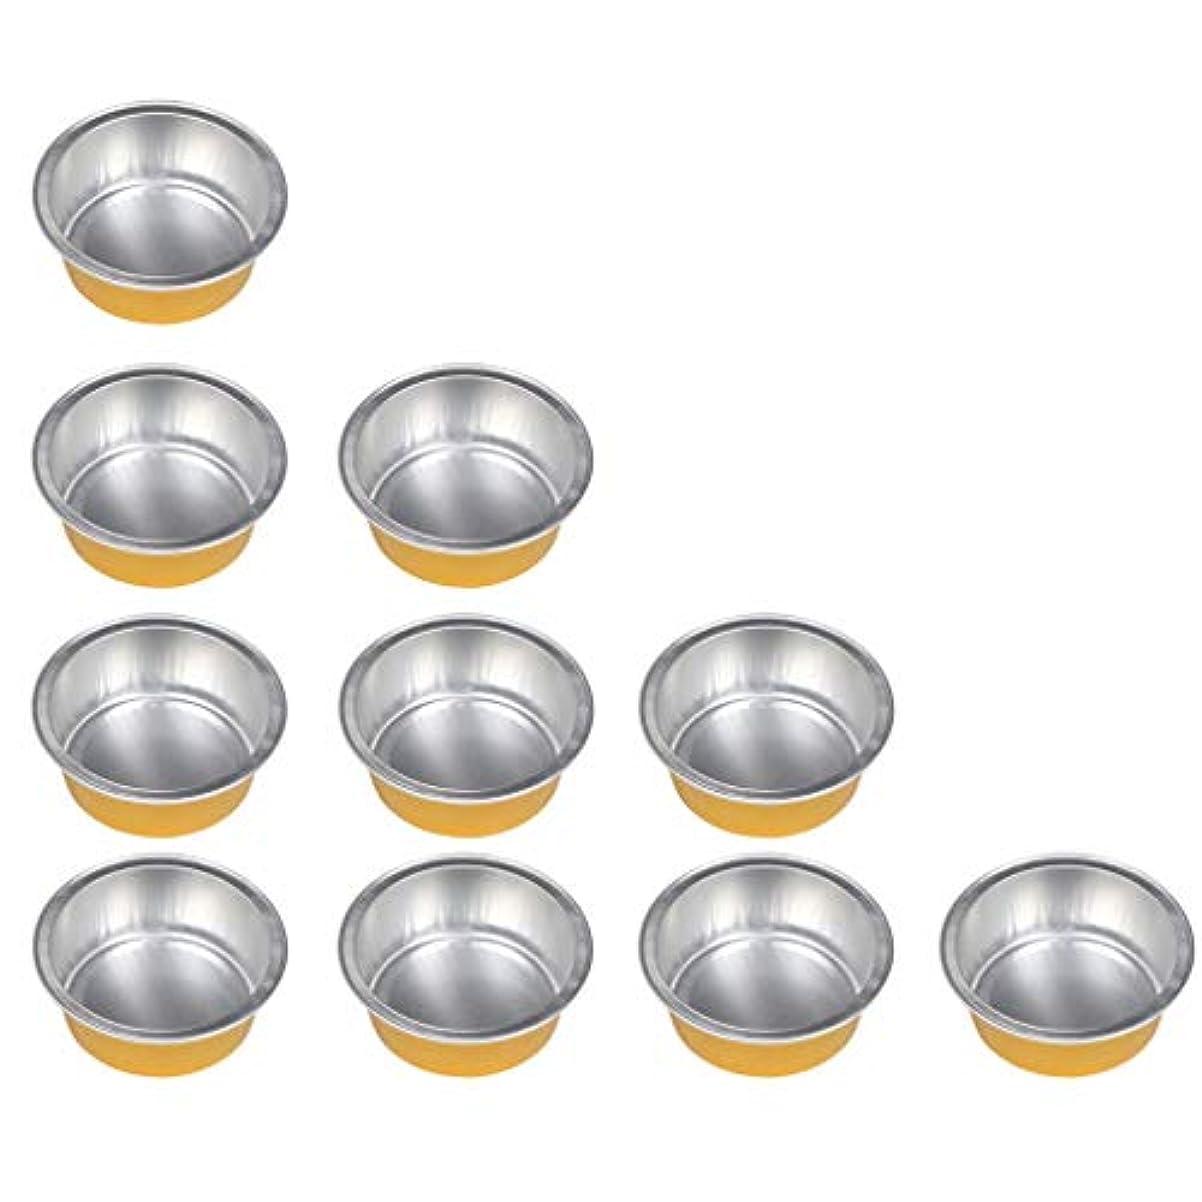 分数ヘルシー飛行場10個セット ワックスボウル ミニボウル アルミホイルボウル ワックス豆体 溶融 衛生的 2種選ぶ - ゴールデン1